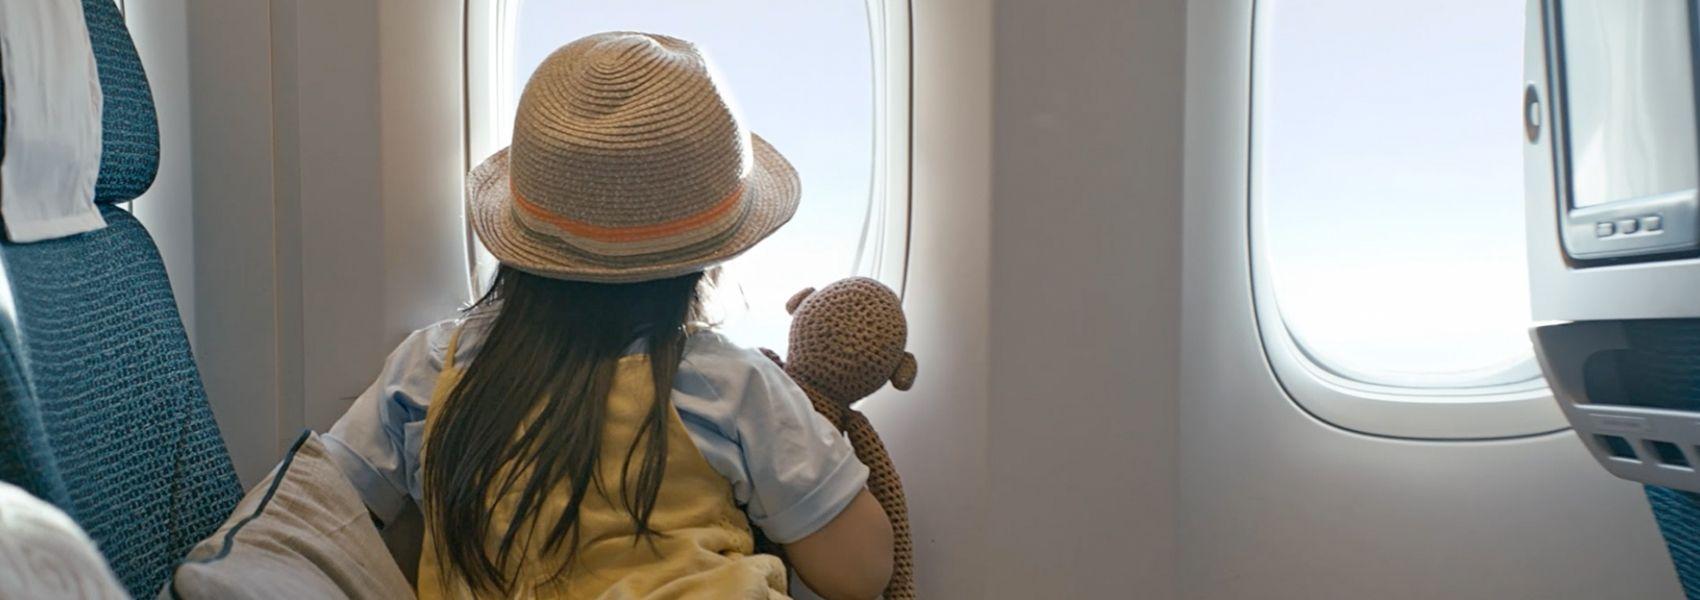 国泰航空全新品牌宣传片:《Move Beyond》